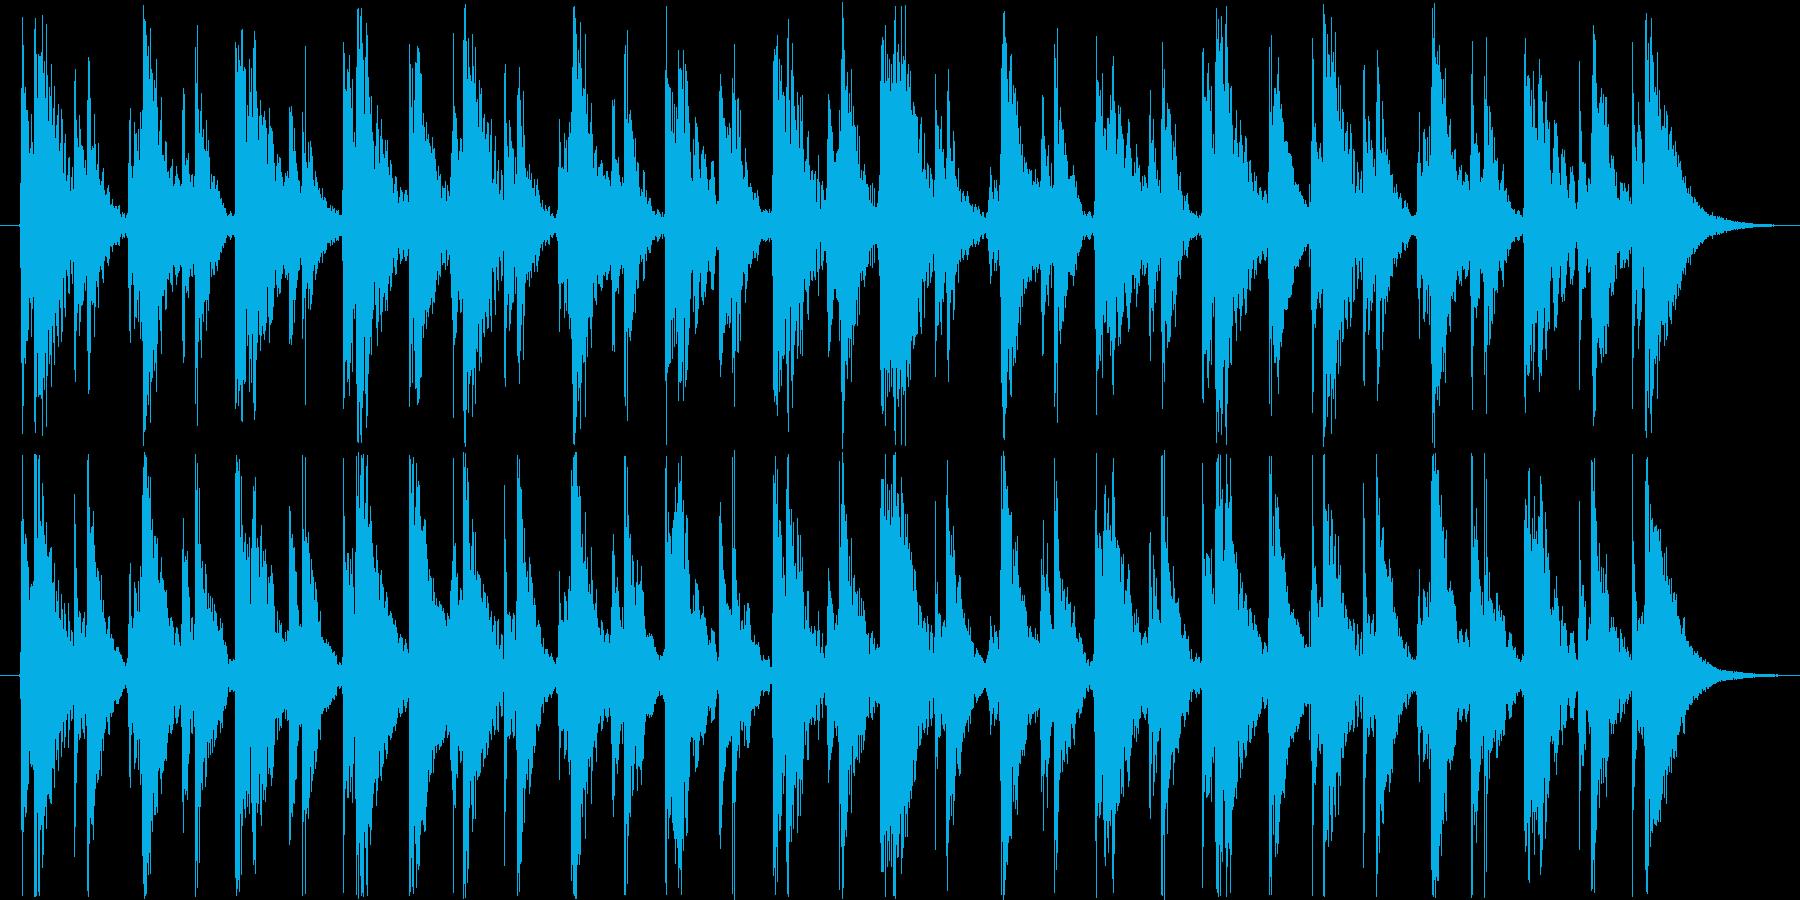 のんびり、可愛い雰囲気のジングルの再生済みの波形